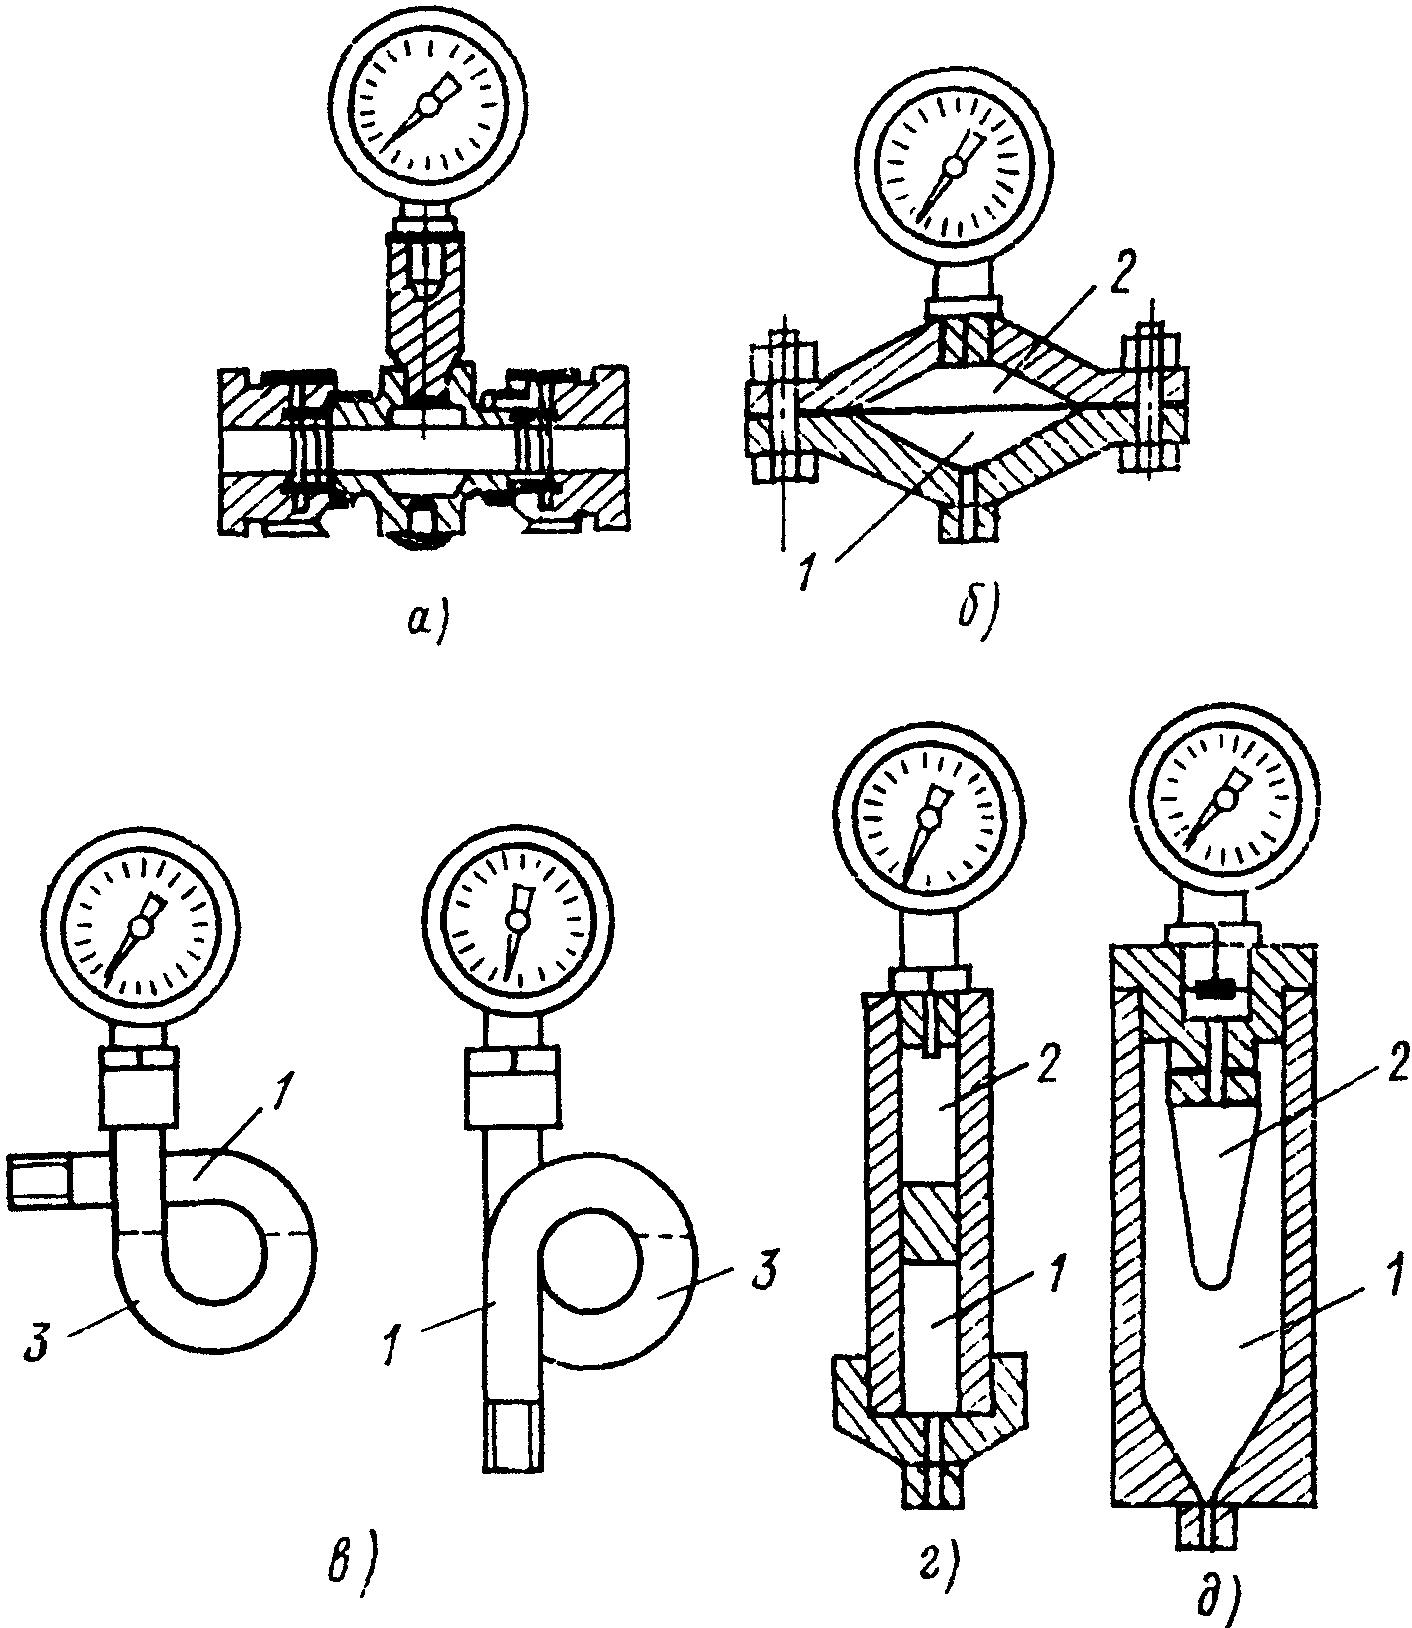 Инструкция по цементации трещин, возникающих в бетоне гидротехнических сооружений всн 14-78 Взамен.